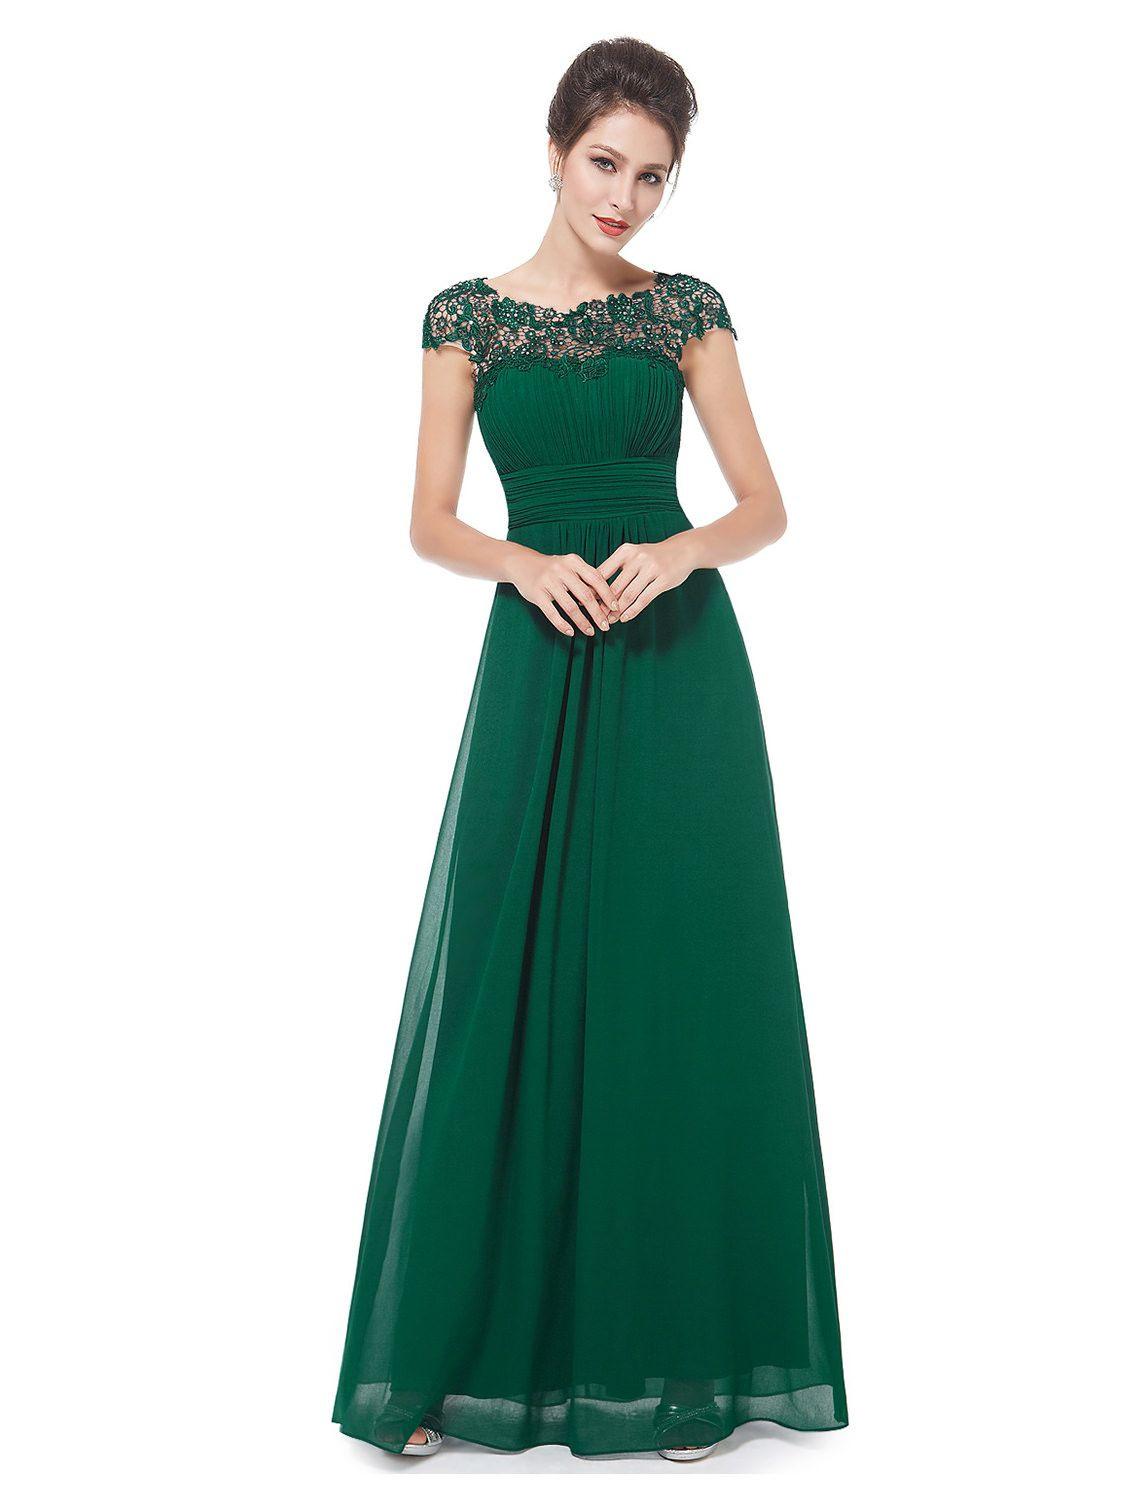 Langes Chiffon-Abendkleid Mit Spitze In Grün | Abendkleid